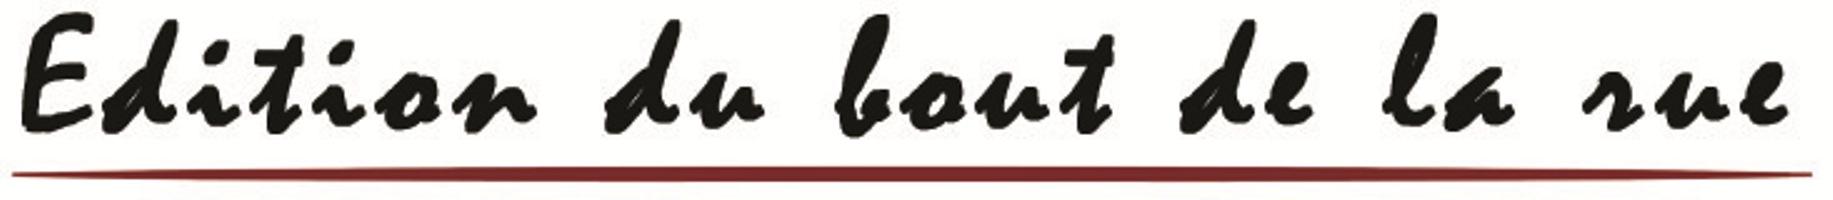 Logo de Bout de la rue (Édition du)